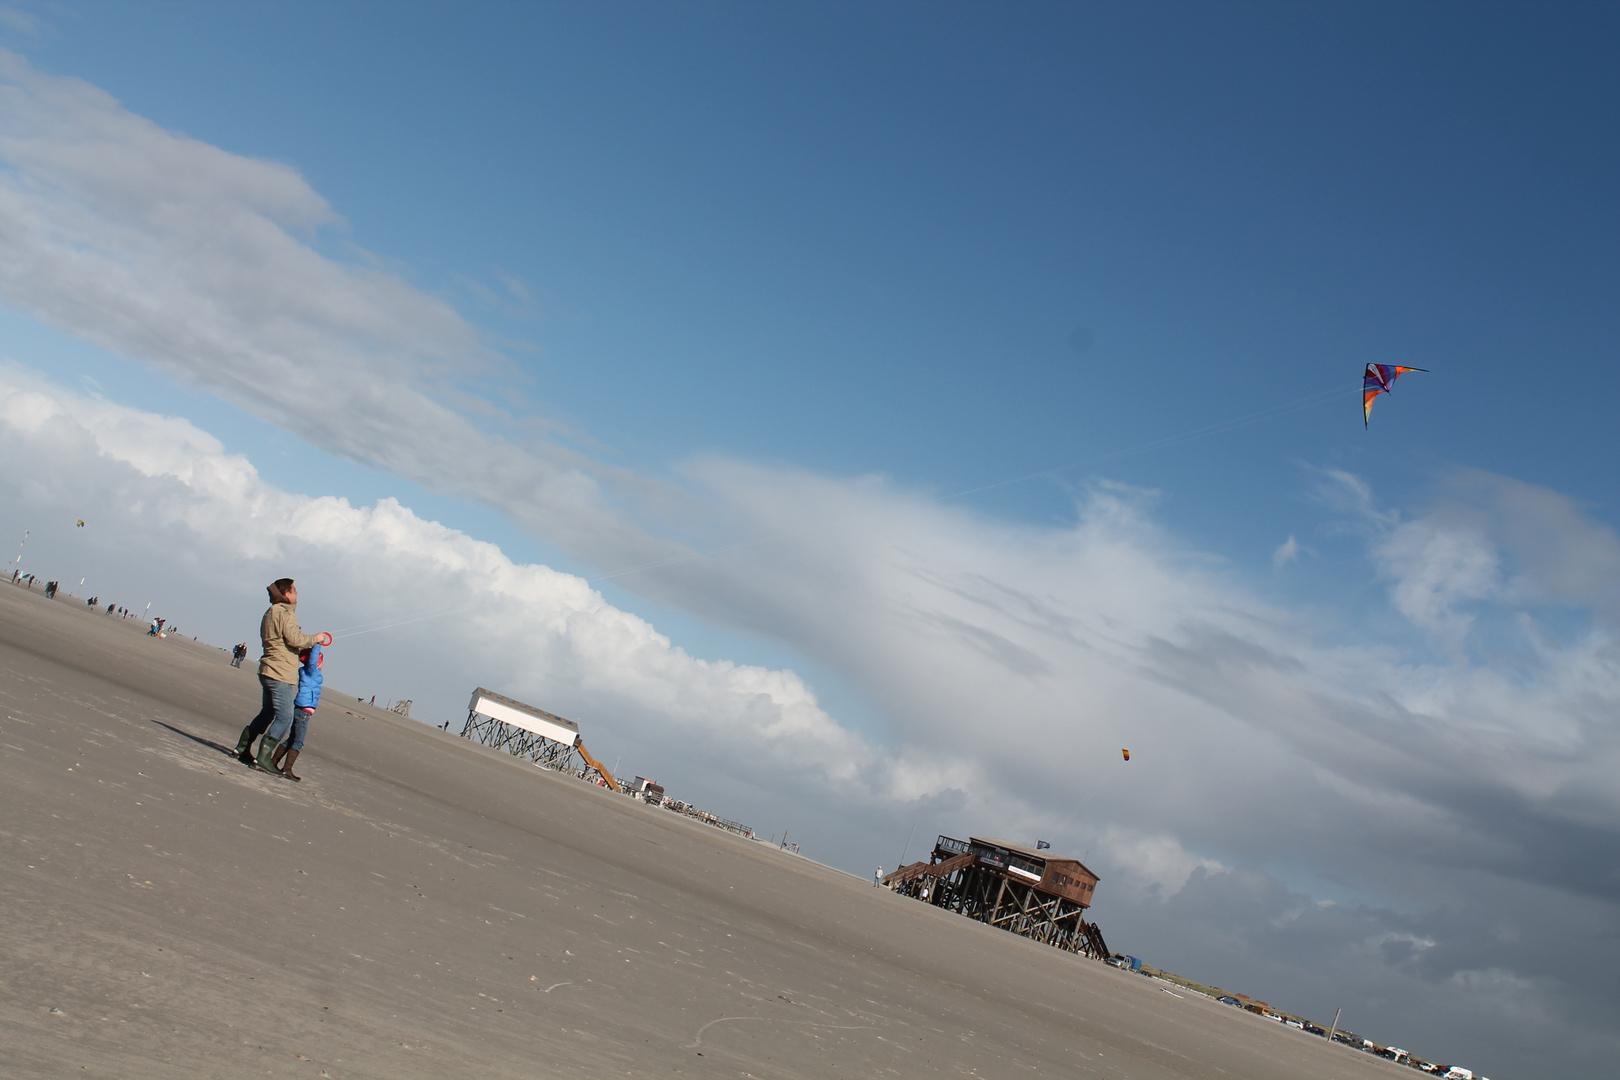 Kite@8 Beaufort